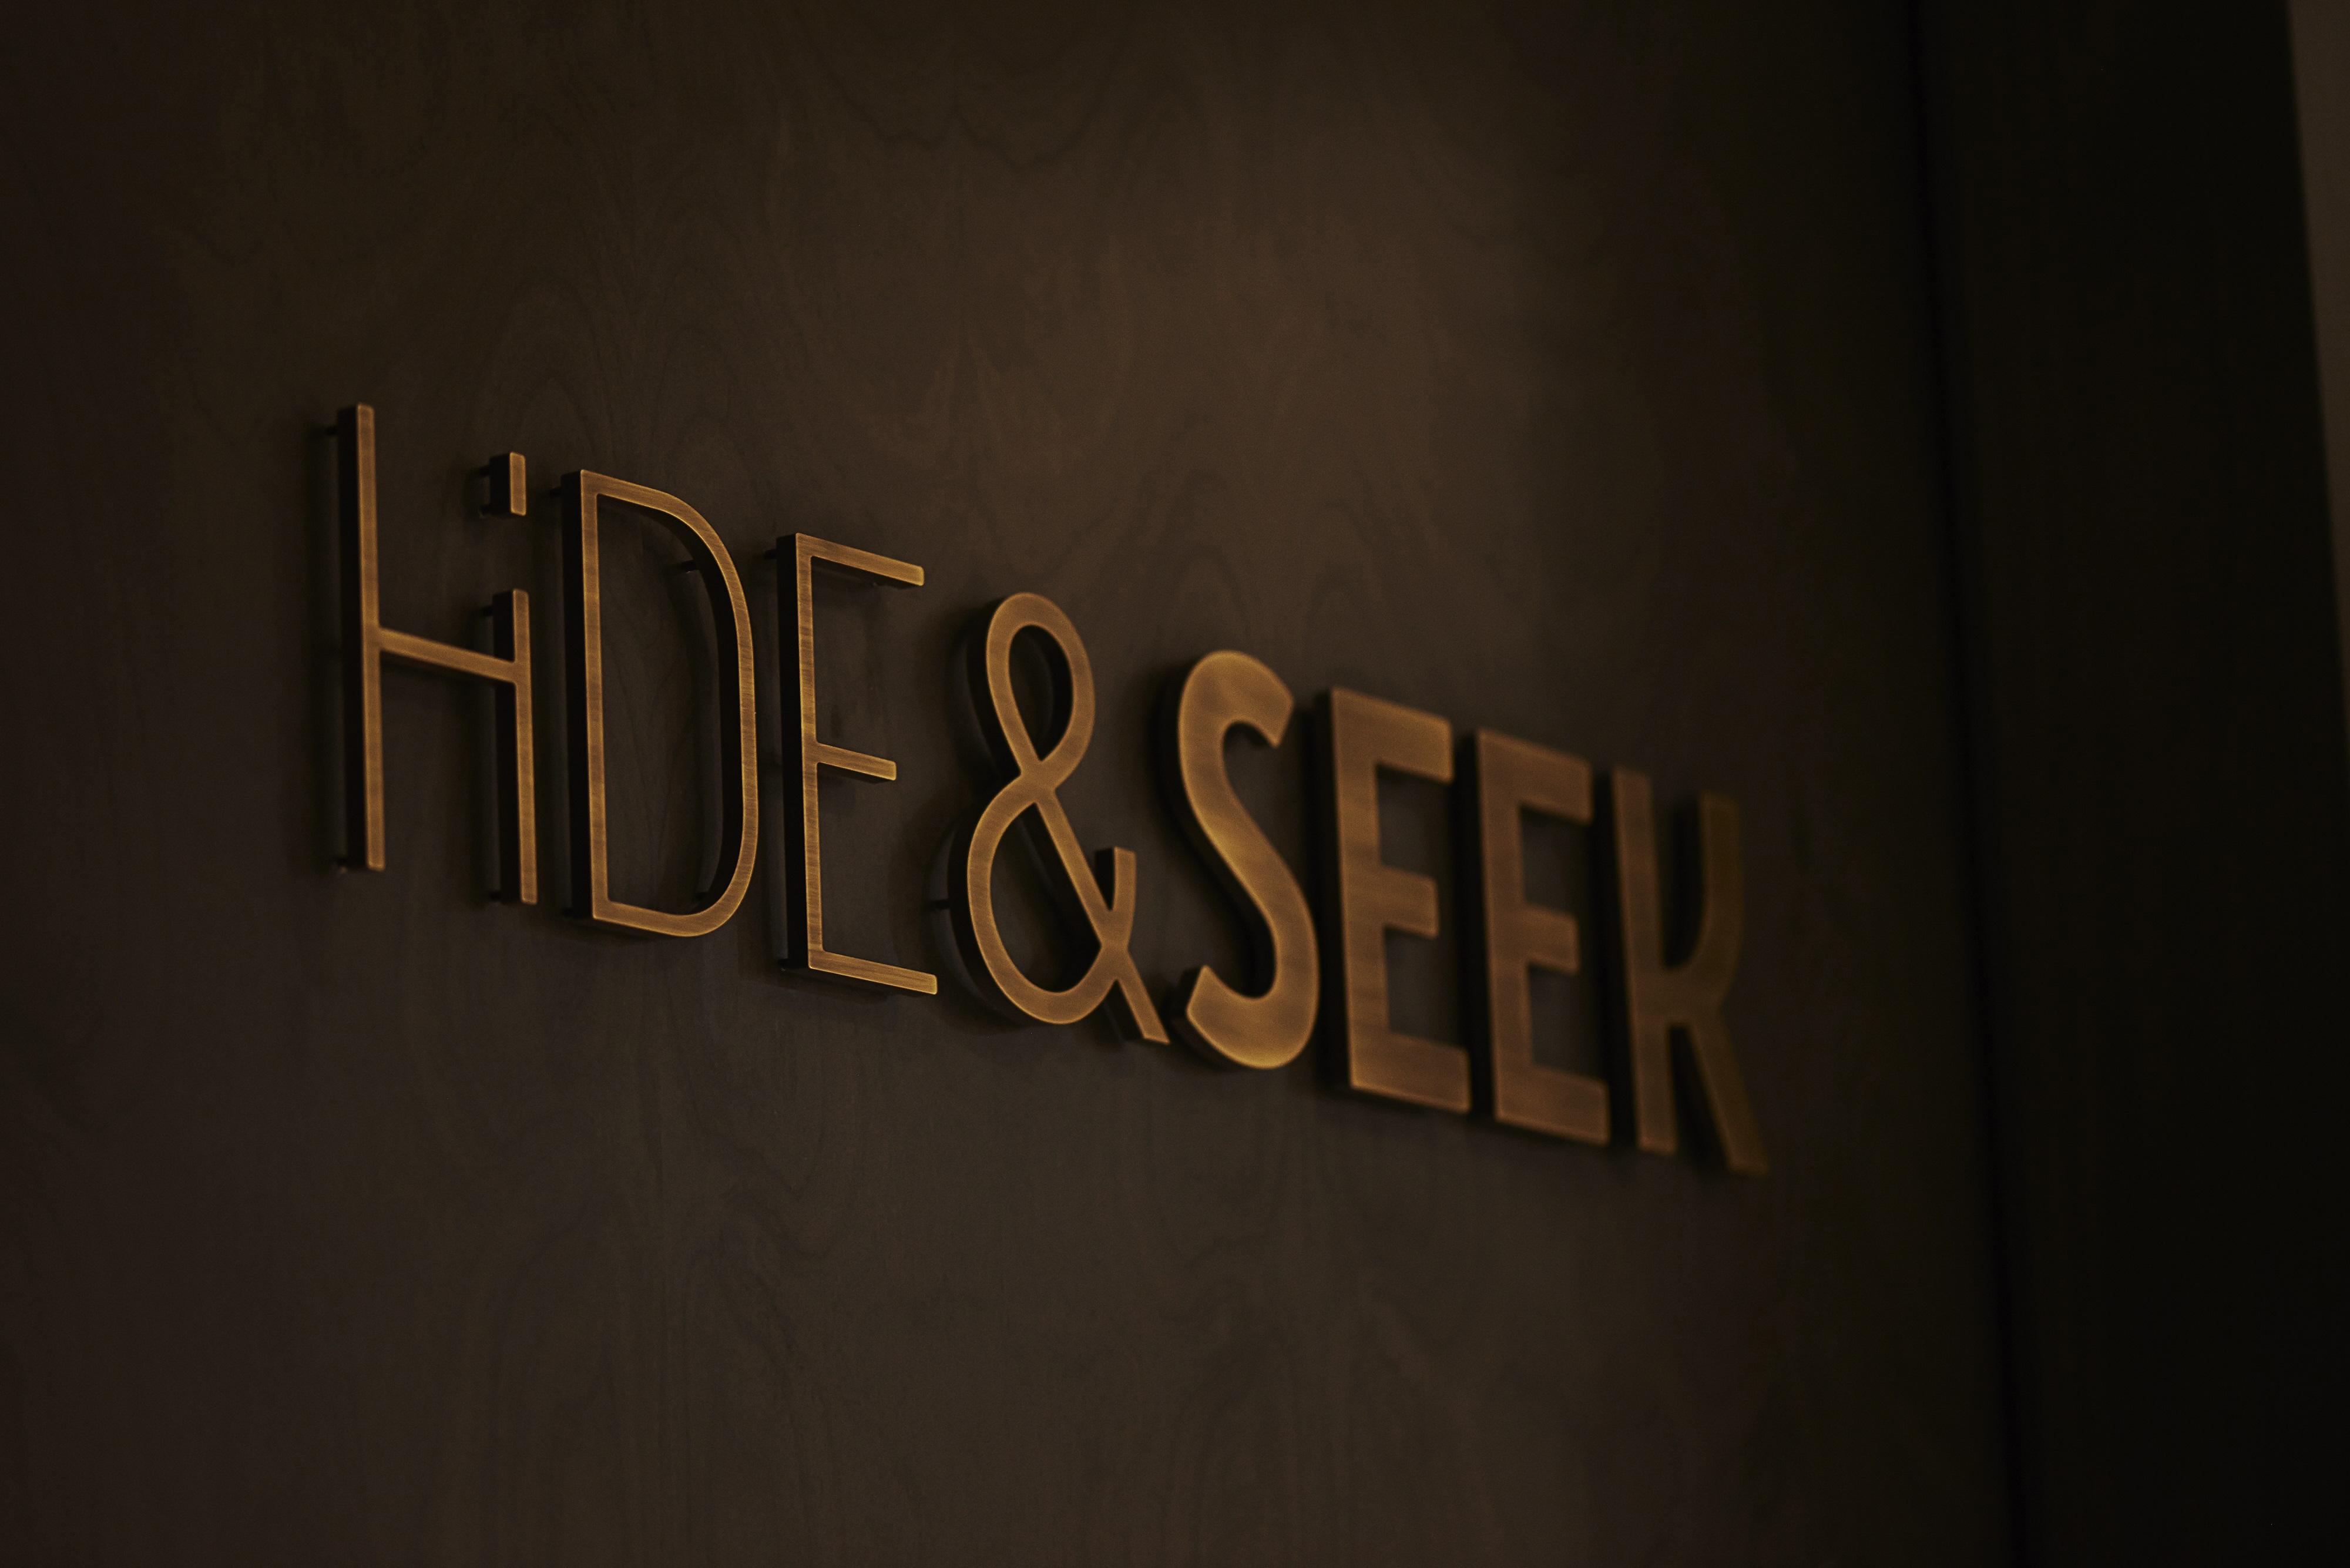 ABG_Hide & Seek Logo